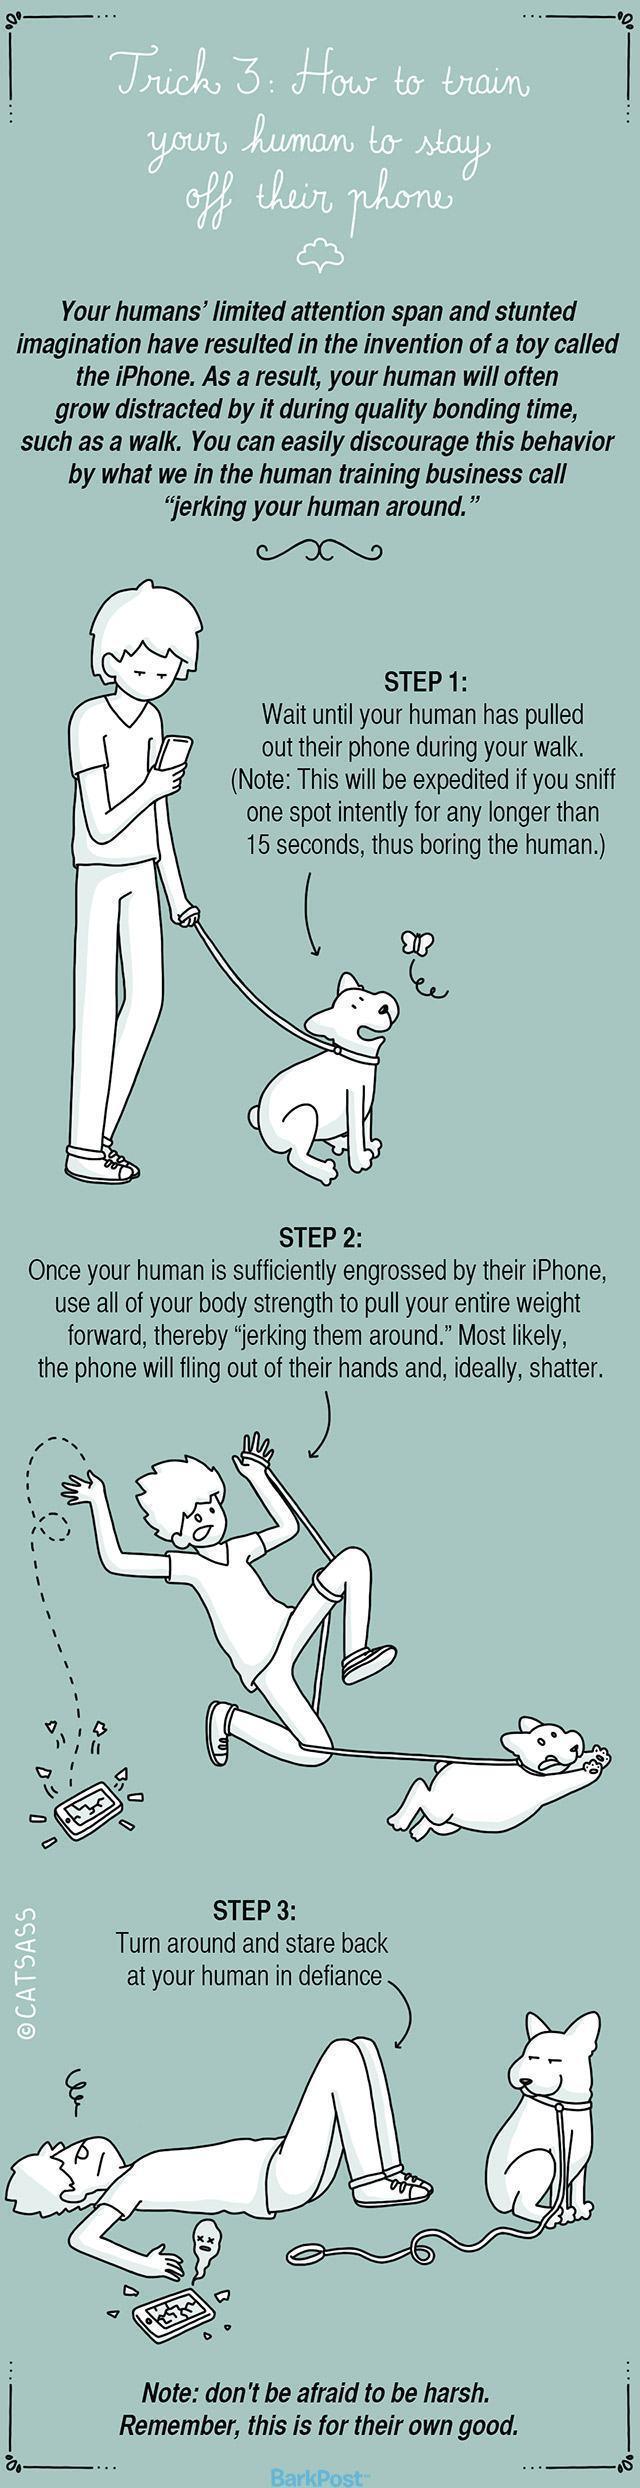 como-treinar-o-seu-humano-3